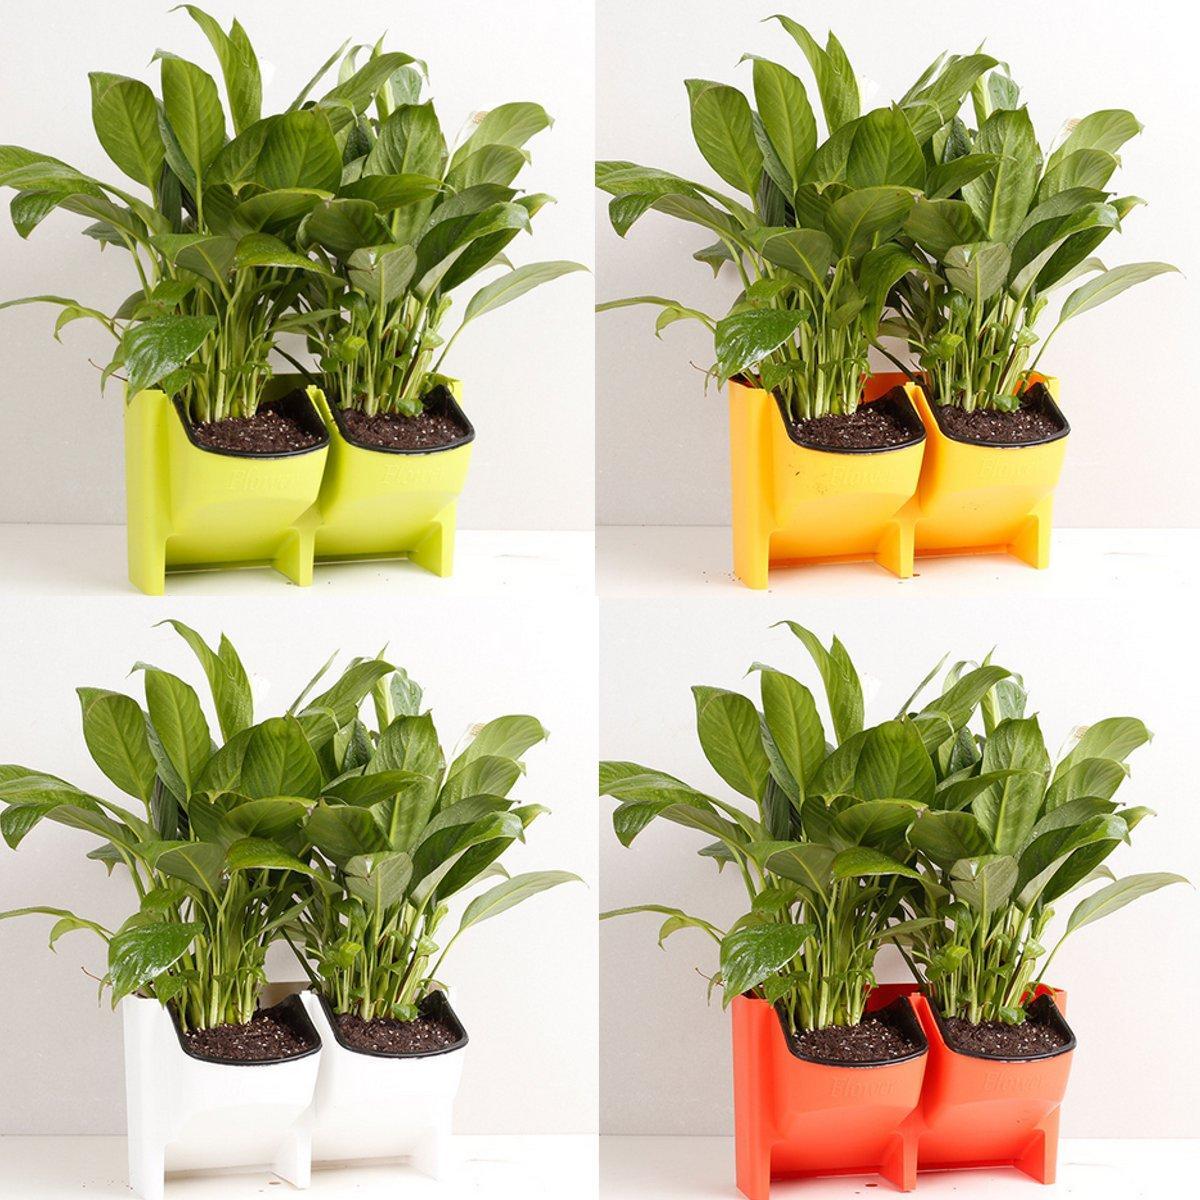 2 - 포켓 수직 벽 재배자 자체 관수 매달려 꽃 냄비 정원 장식